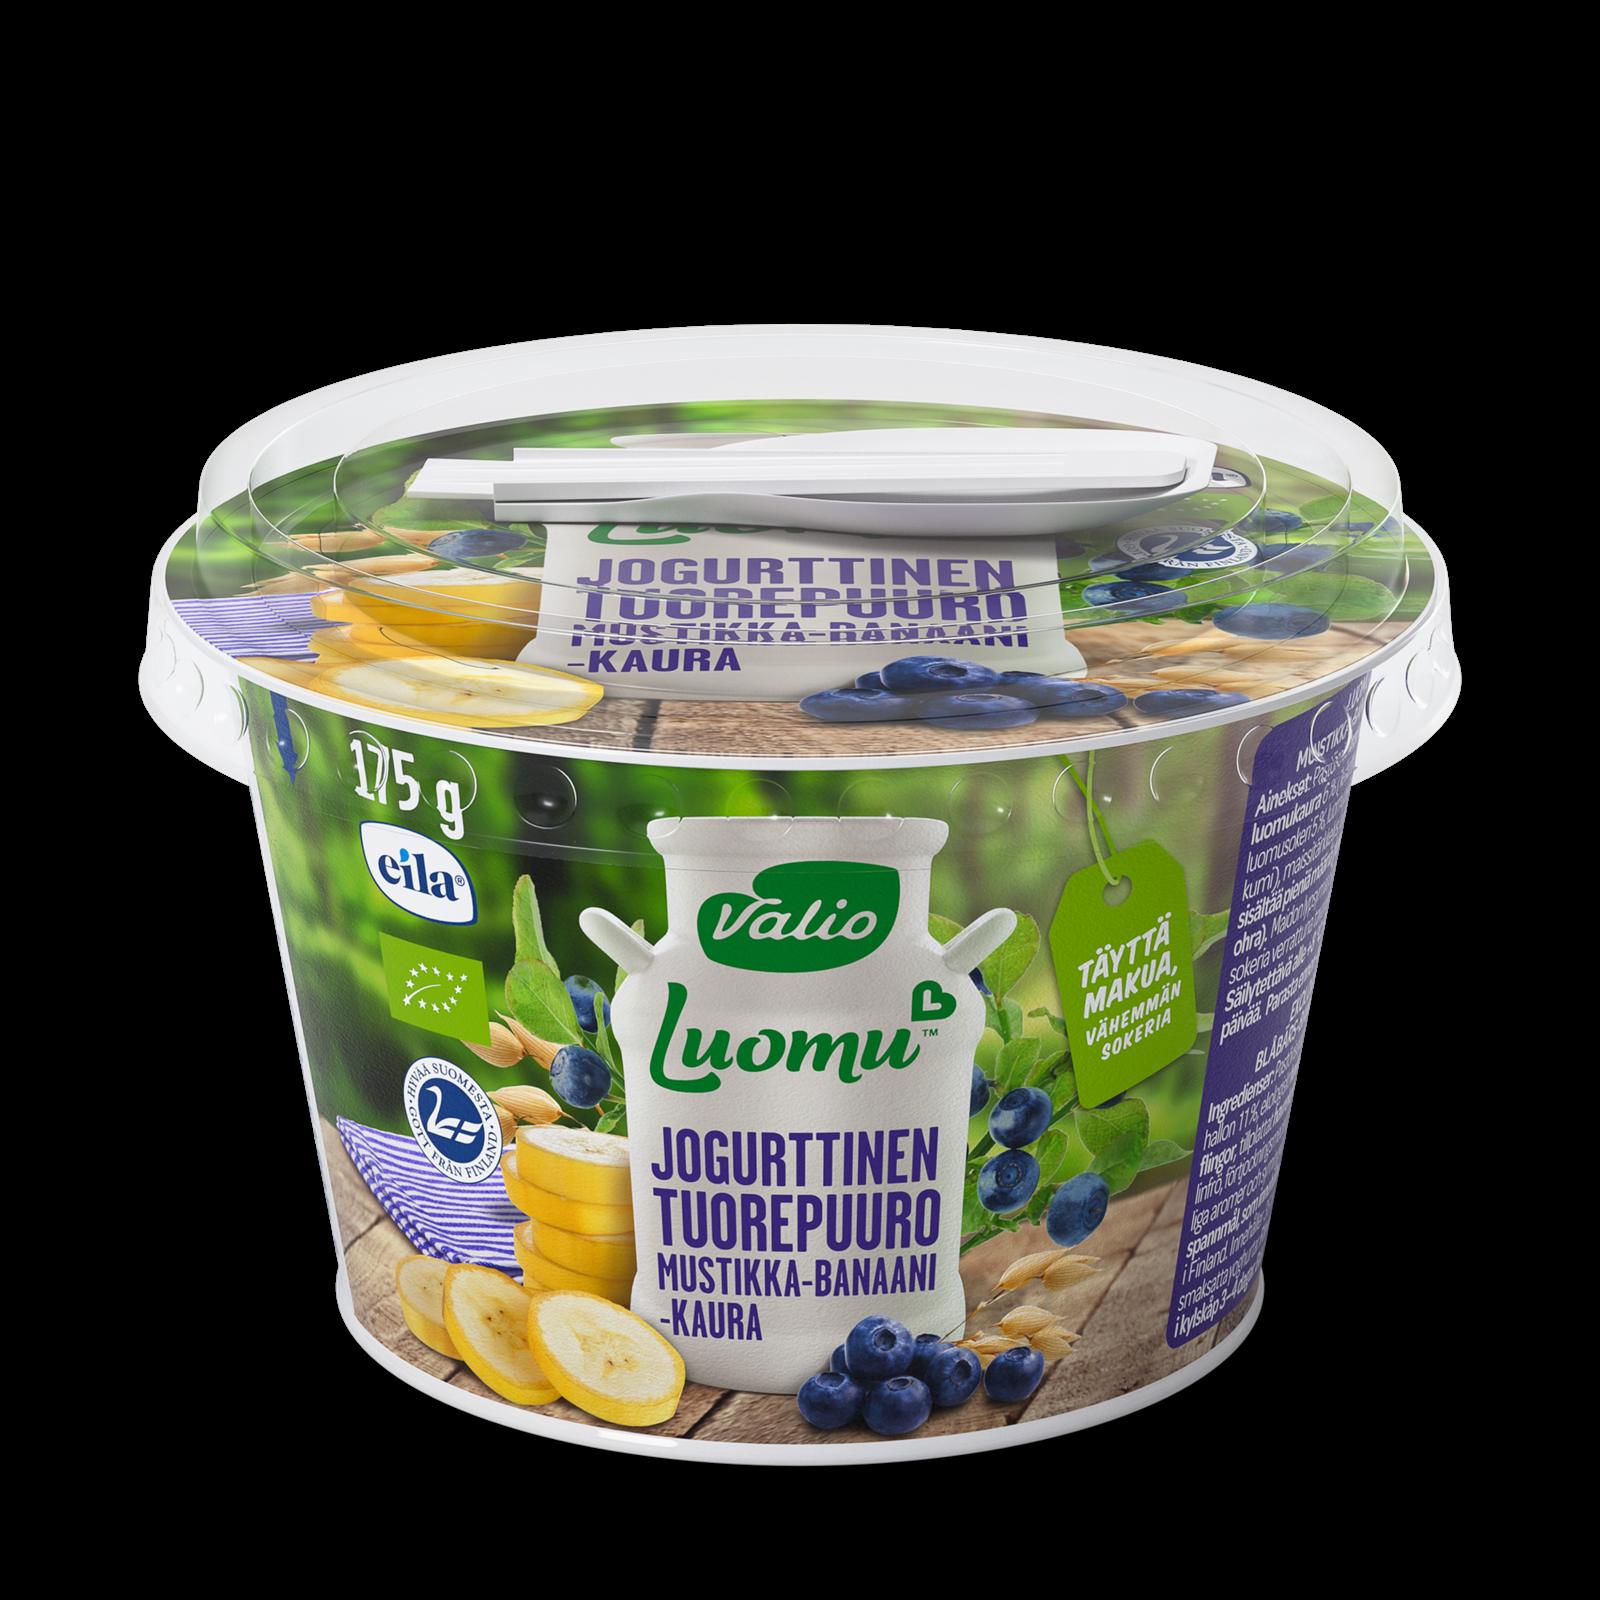 Valio Luomu™ jogurttinen tuorepuuro mustikka-banaani-kaura laktoositon